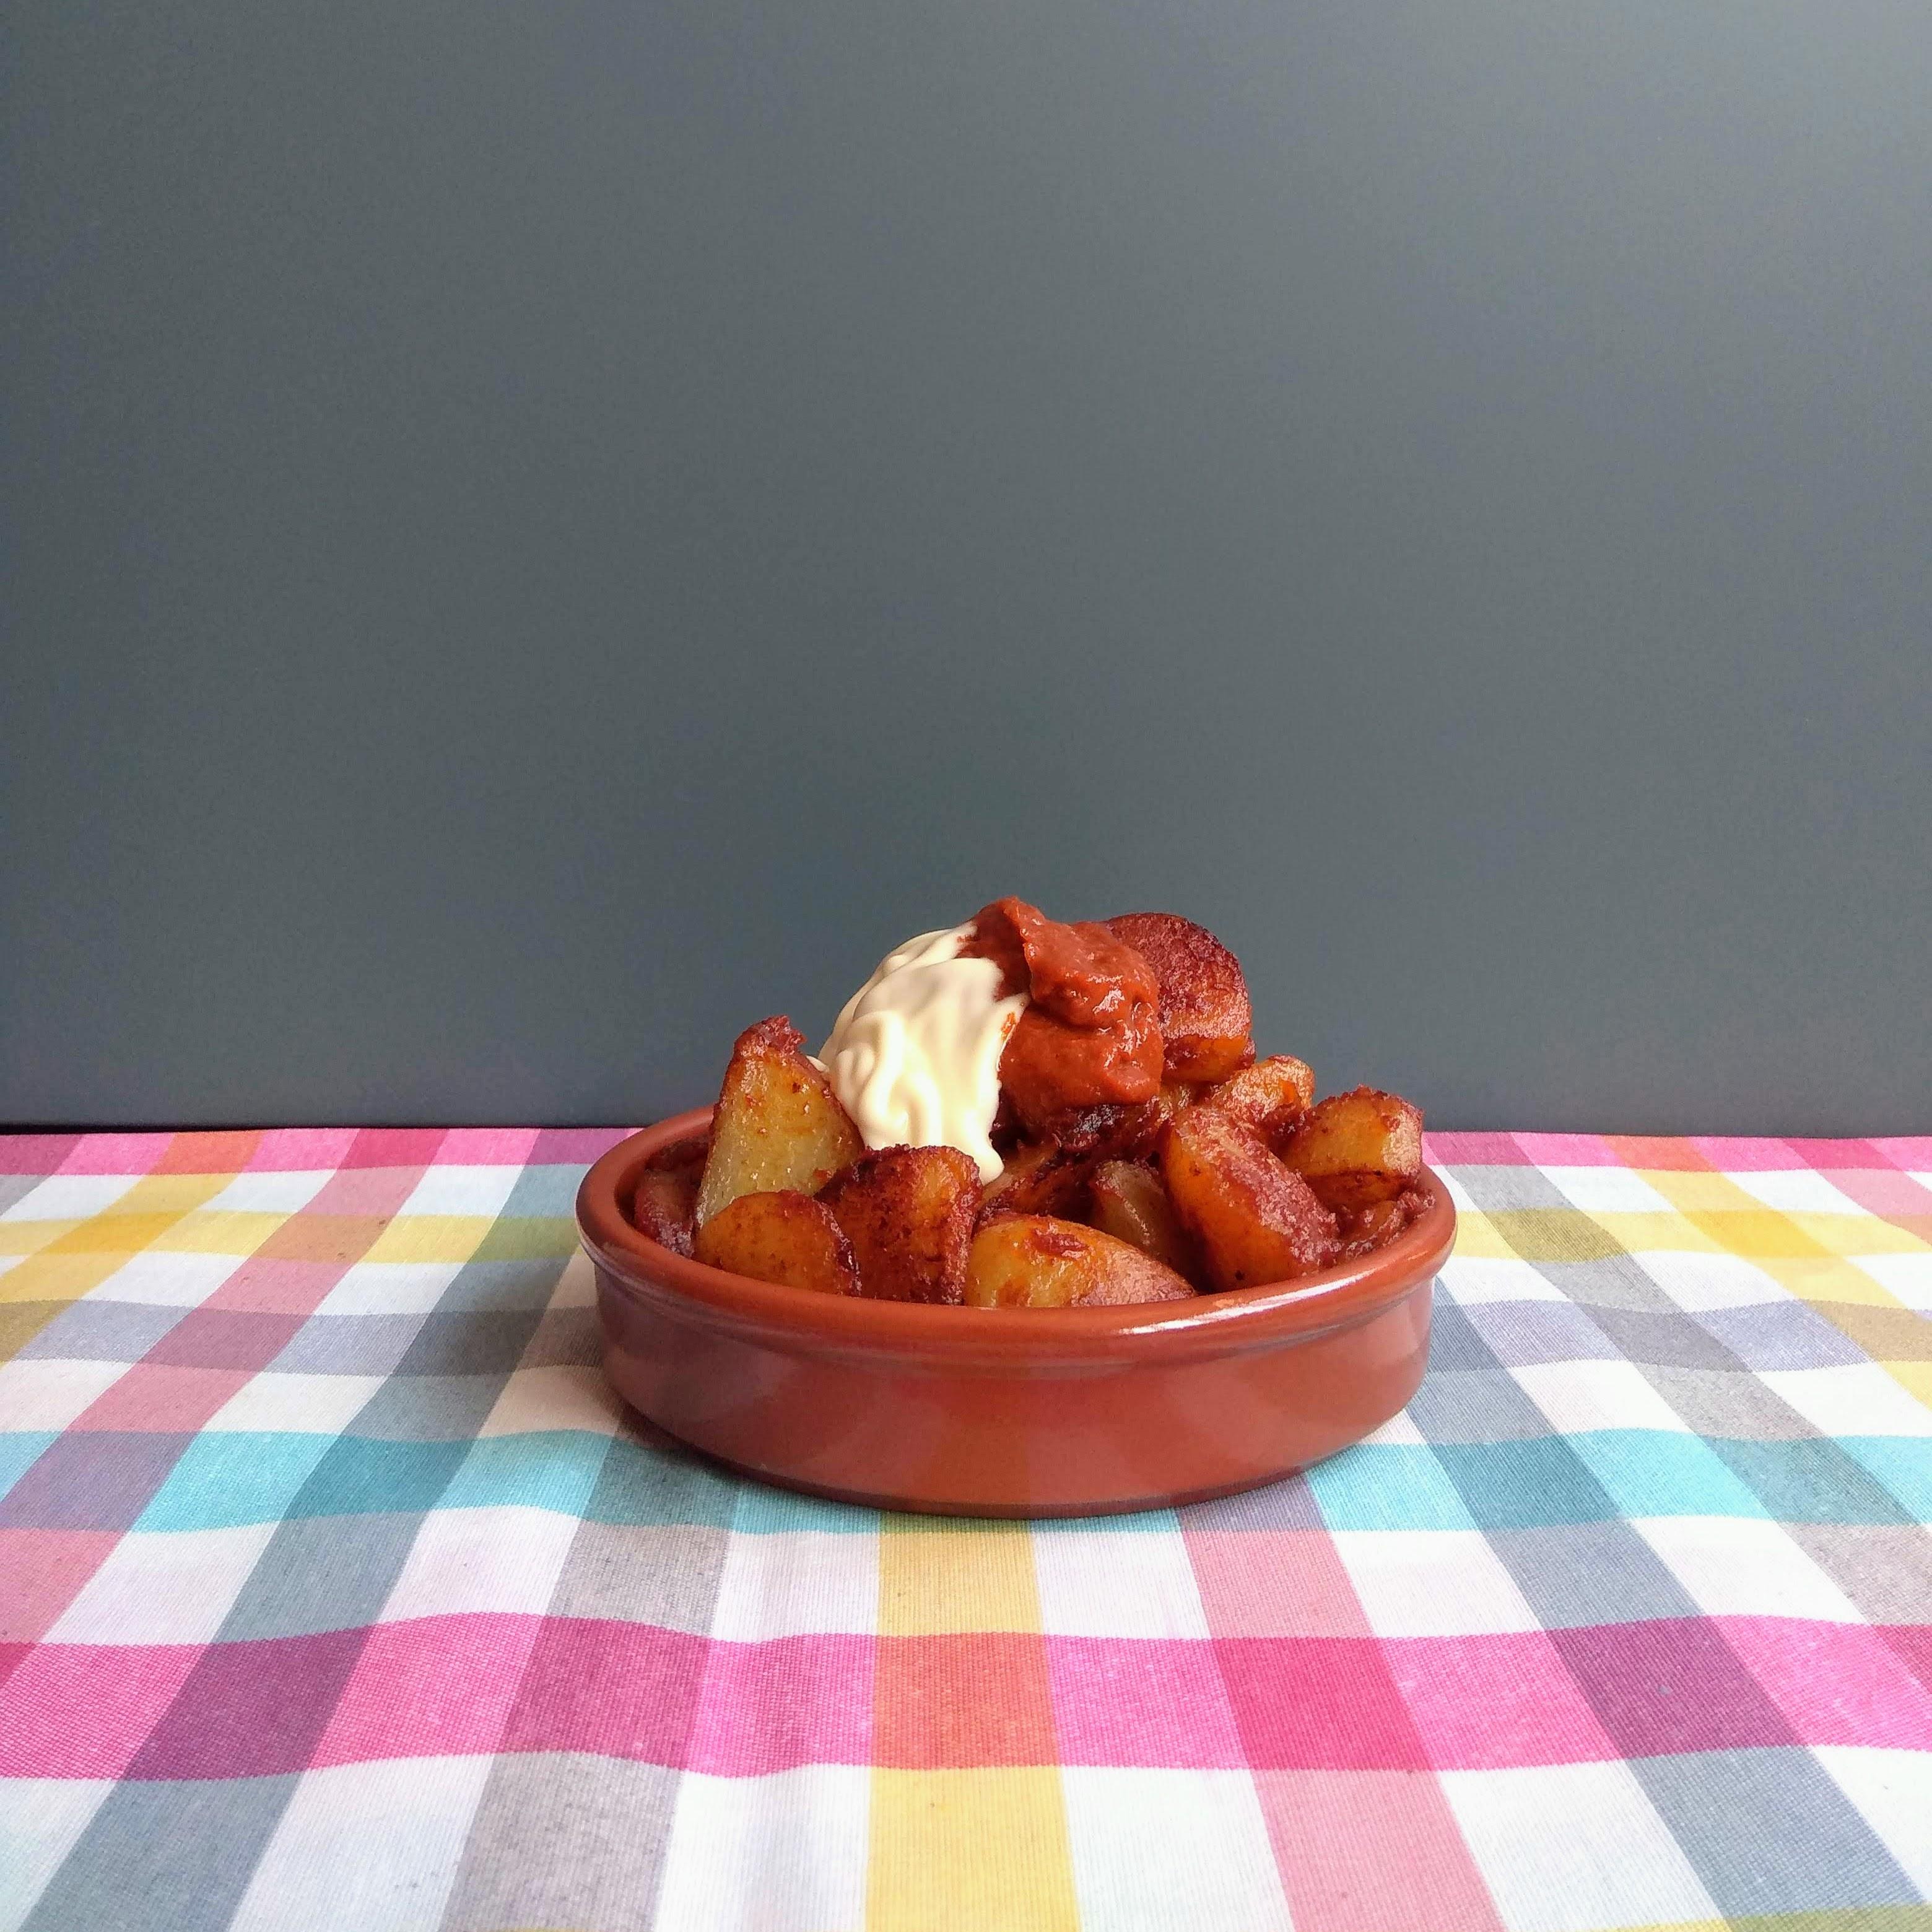 Receta fácil de patatas bravas caseras. Descúbrelas en: www.cocinandoconlola.com